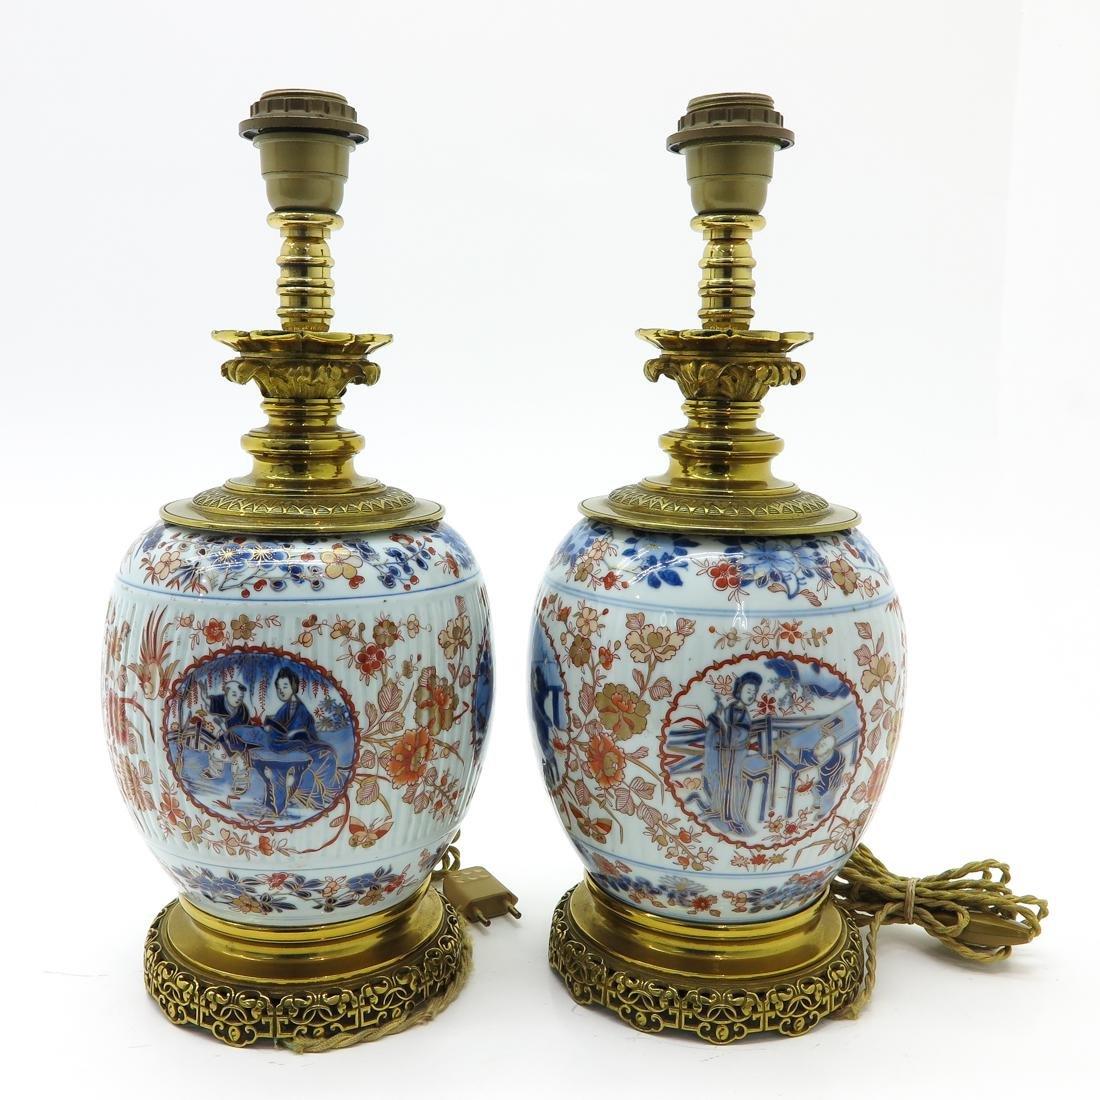 Pair of Imari Lamps - 2